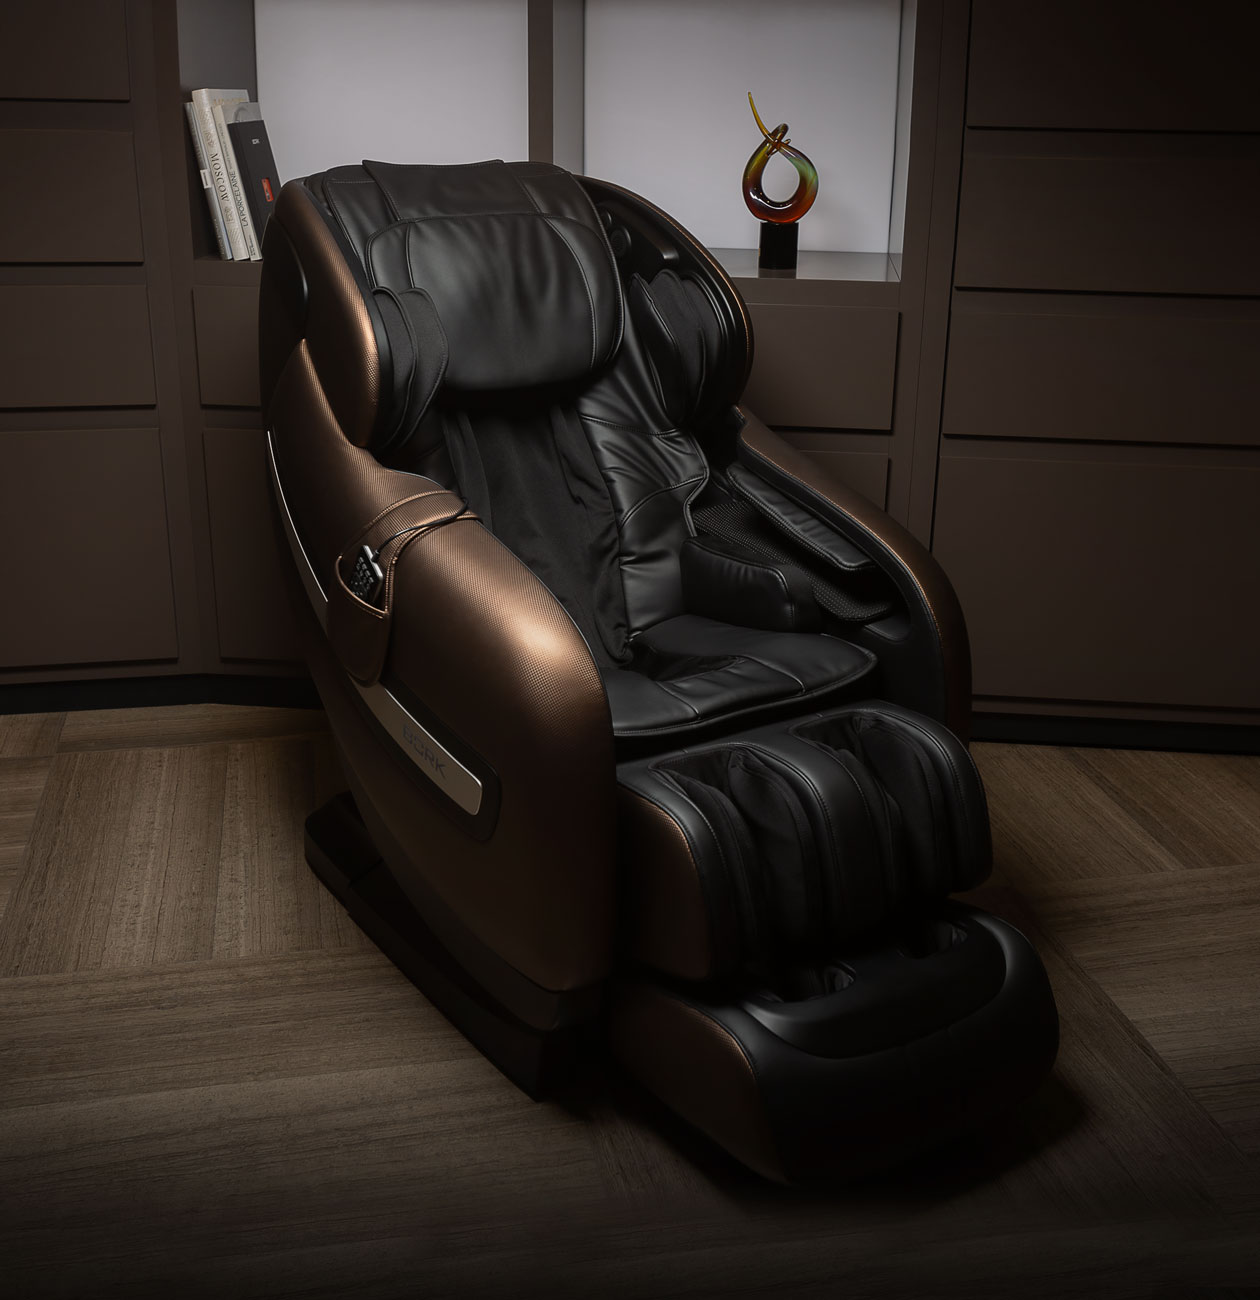 Кресло массажер bork отзывы фото женского ношенного белья